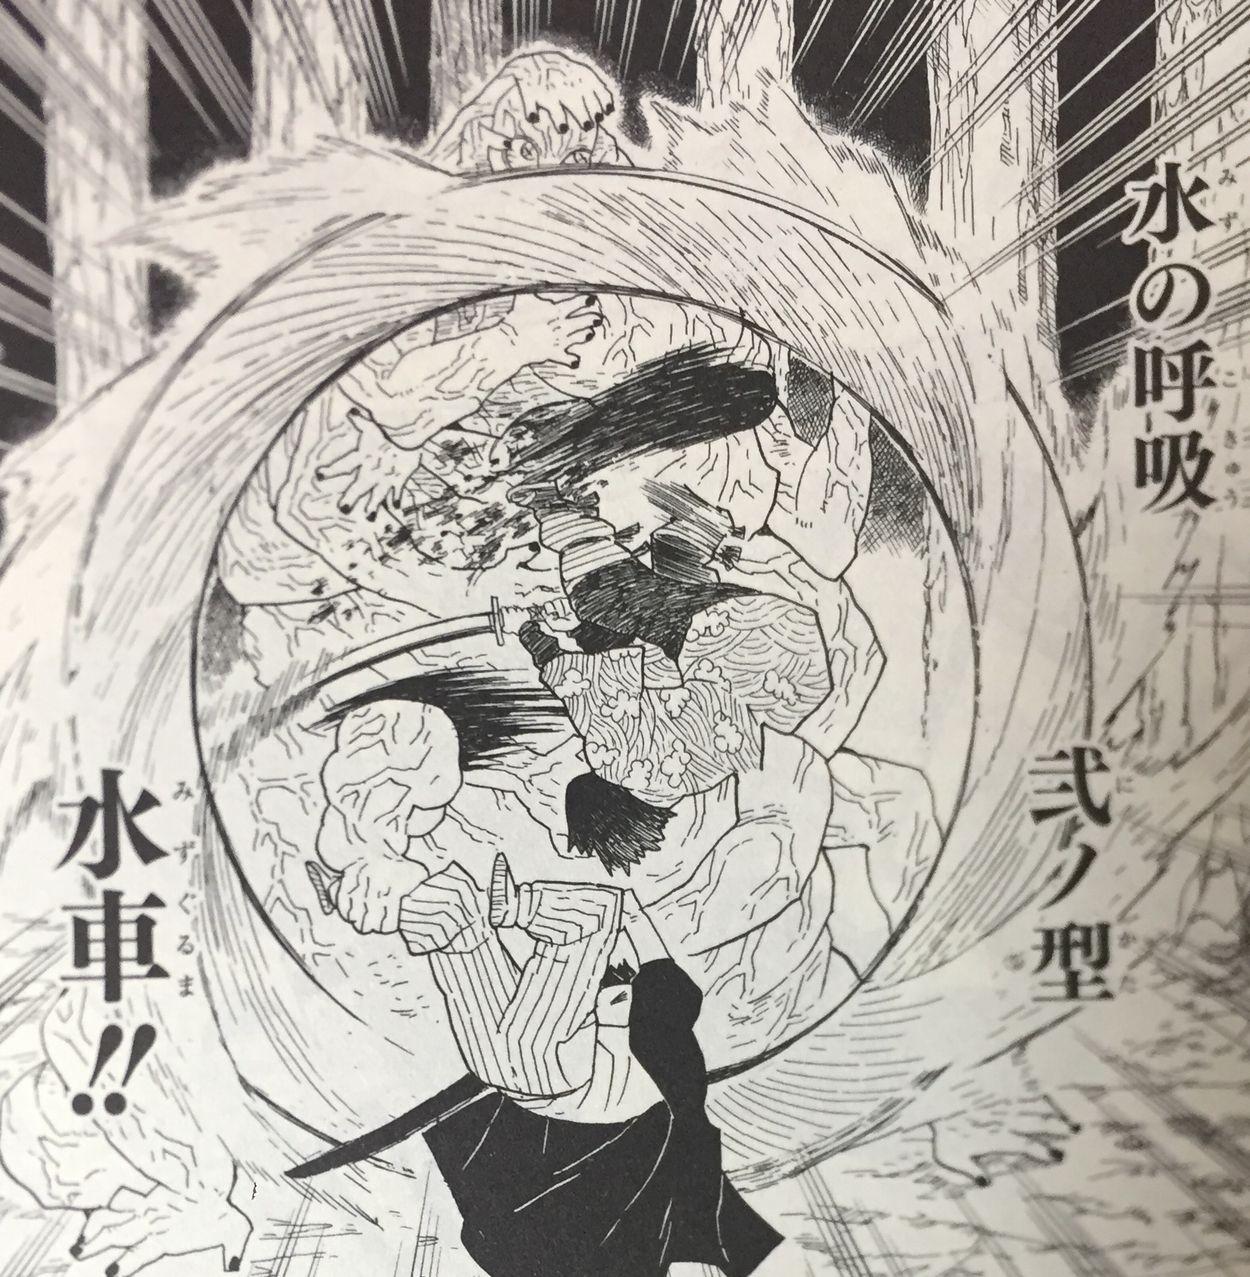 1b - 【鬼滅の刃】水の呼吸 拾壱ノ型 凪 が強すぎる 水の呼吸まとめ